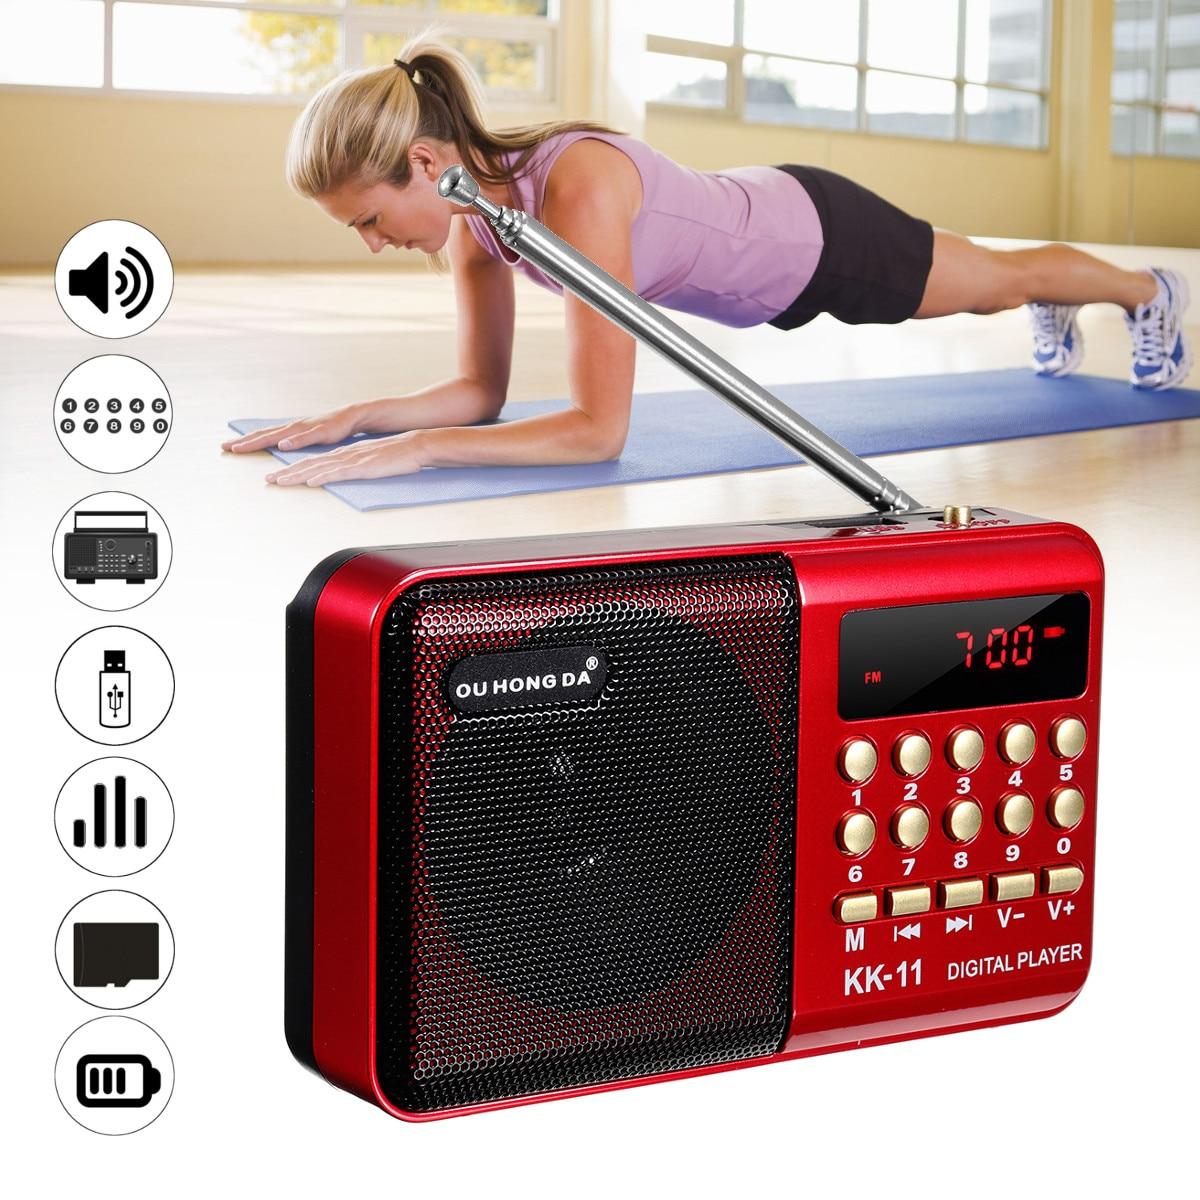 Мини портативный радио плеер Ручной цифровой FM USB TF MP3 музыкальный плеер динамик перезаряжаемый|Радиоприёмники|   | АлиЭкспресс